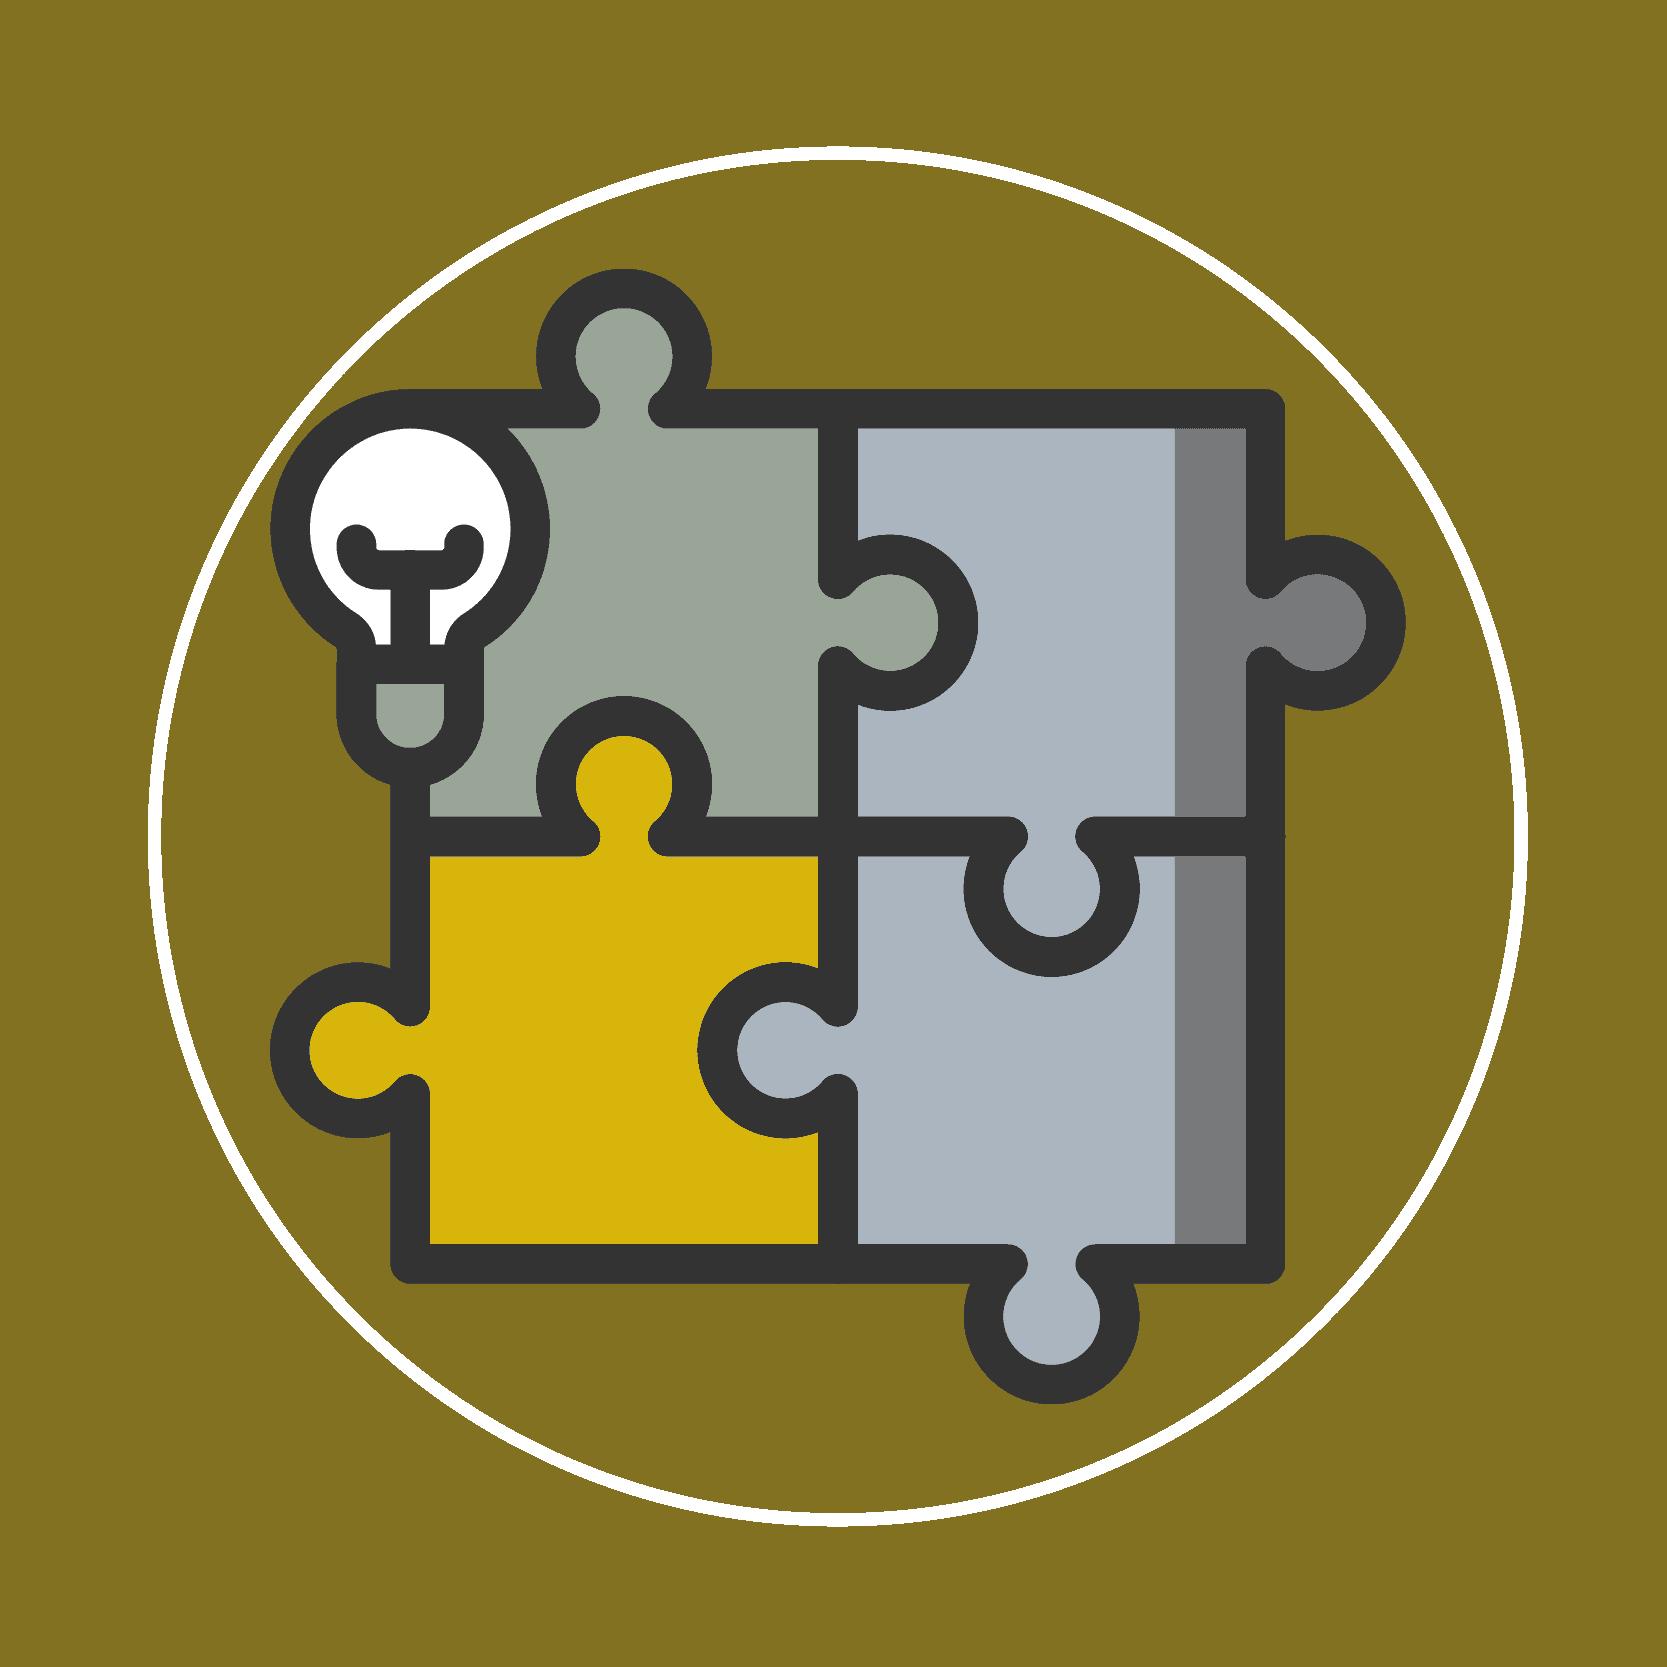 teamKMUdigital-webicons-02